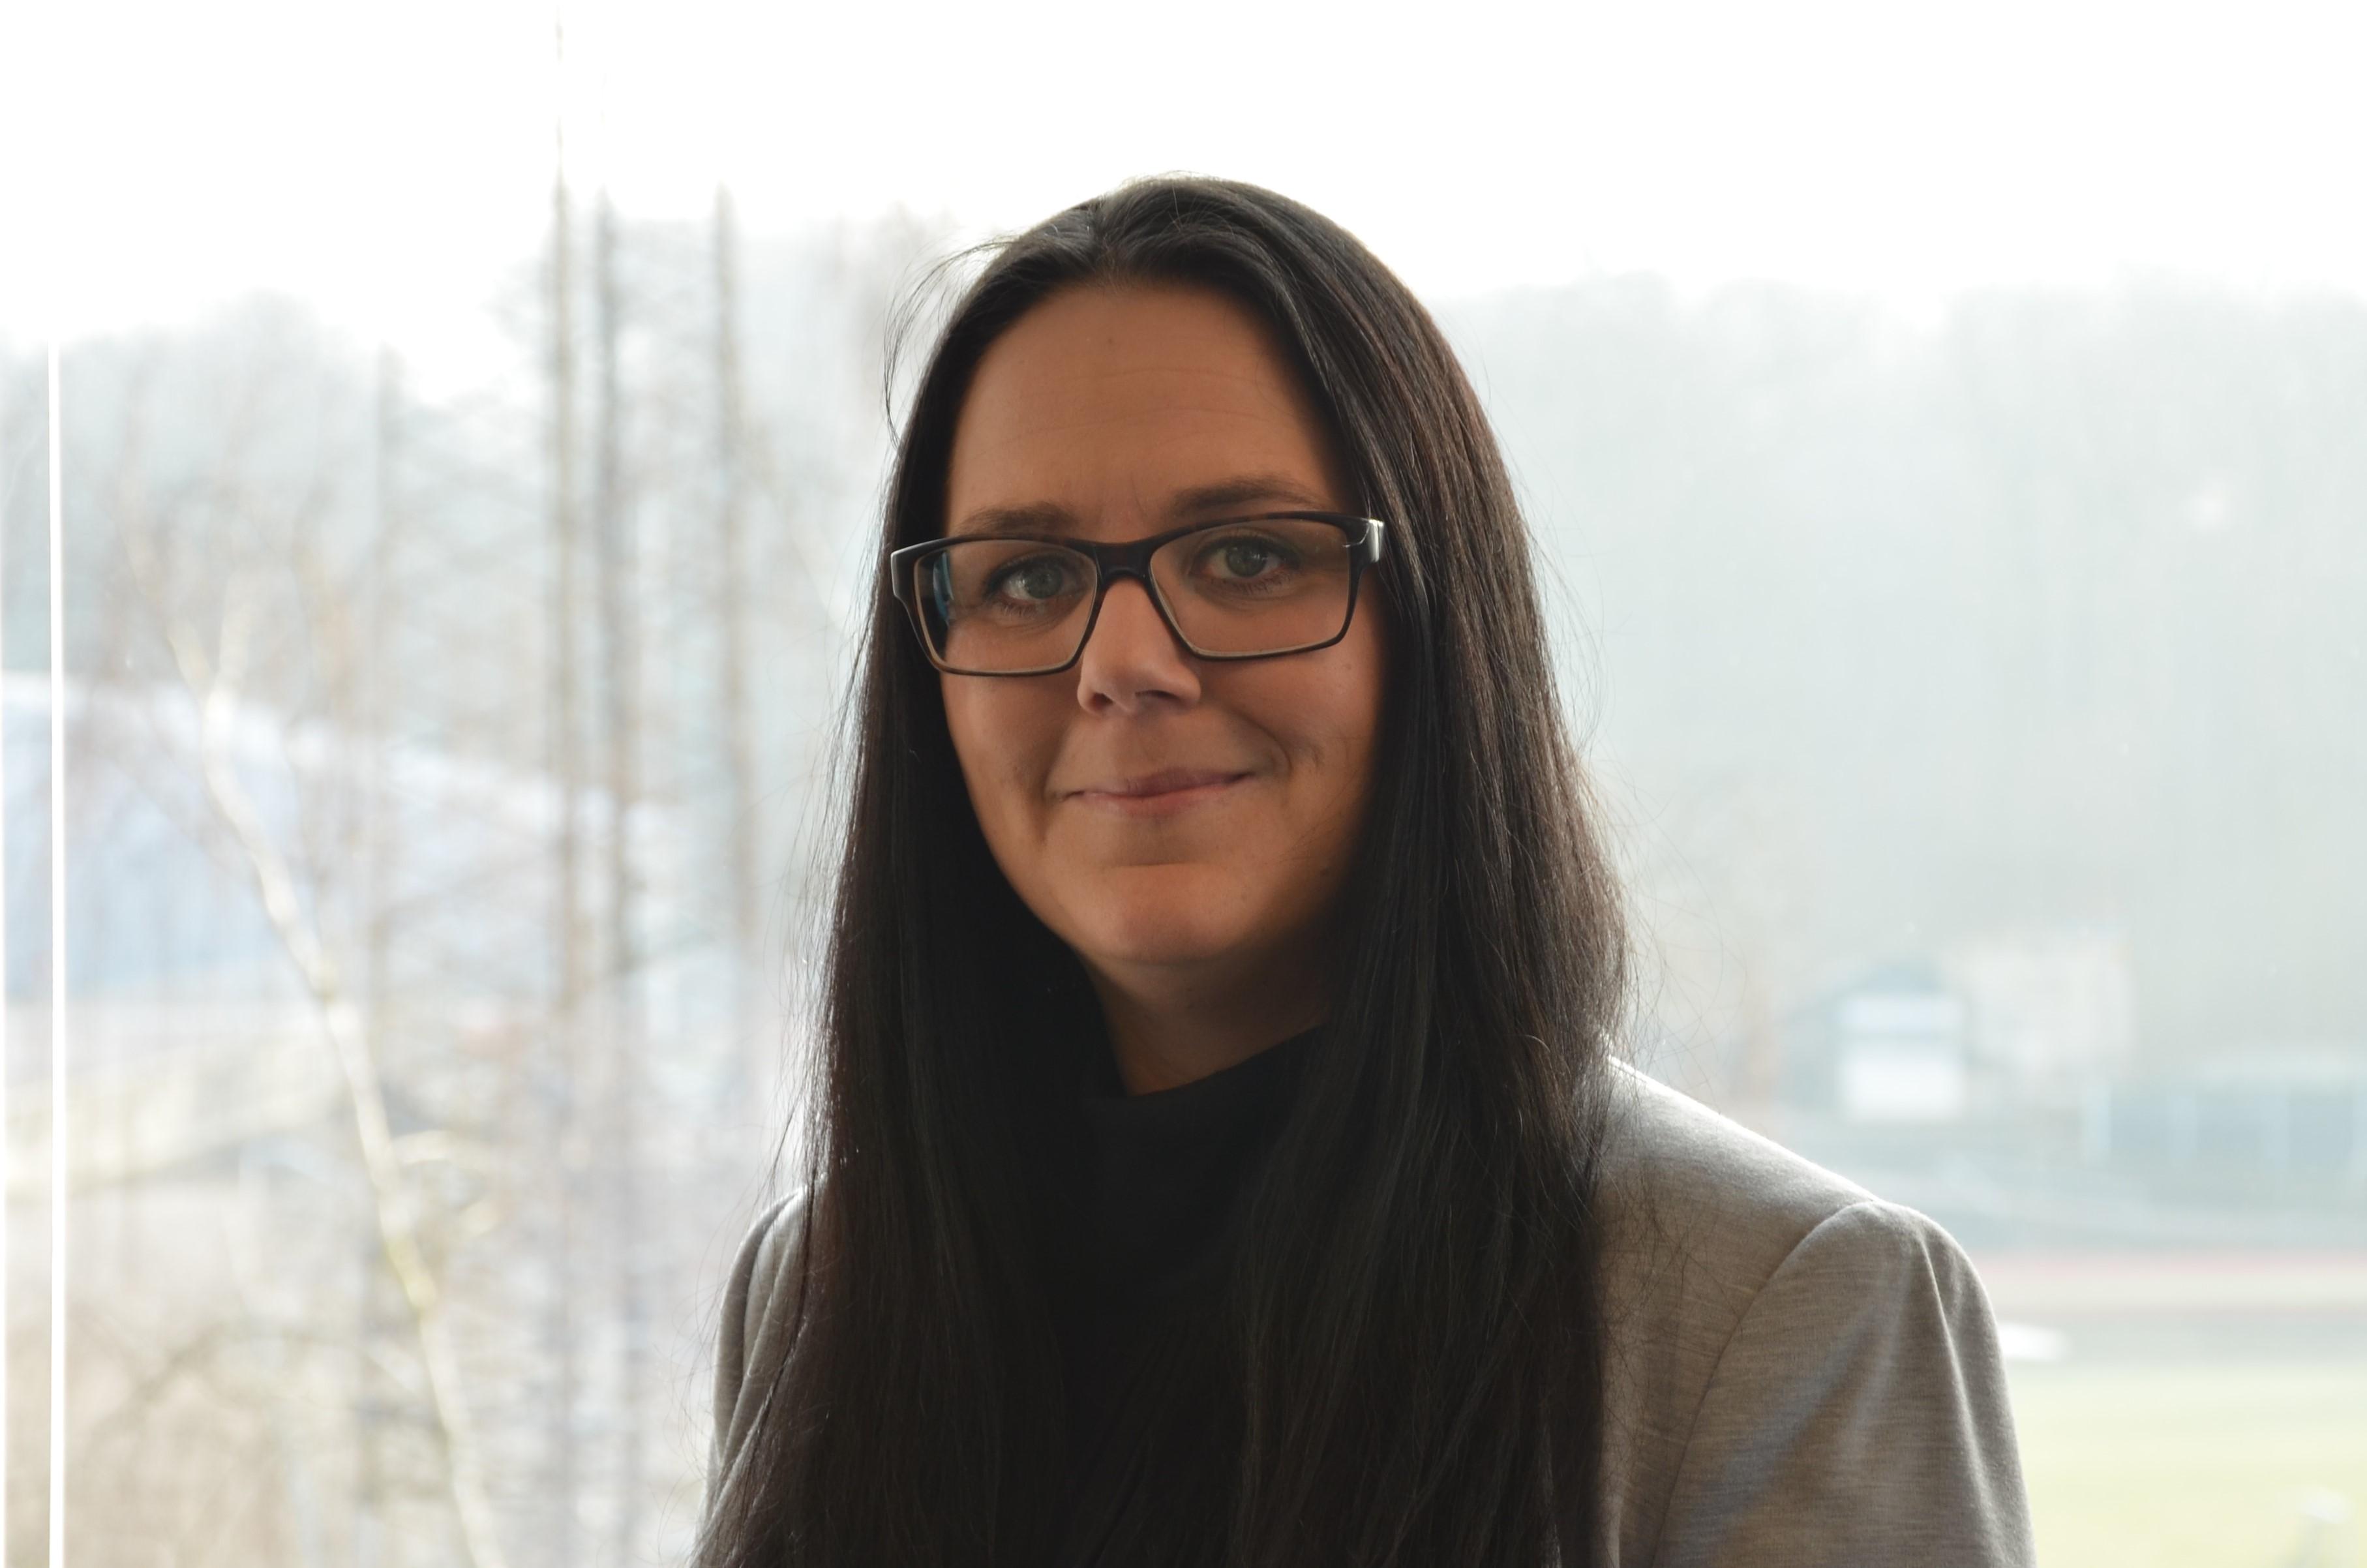 Kristina Iversen